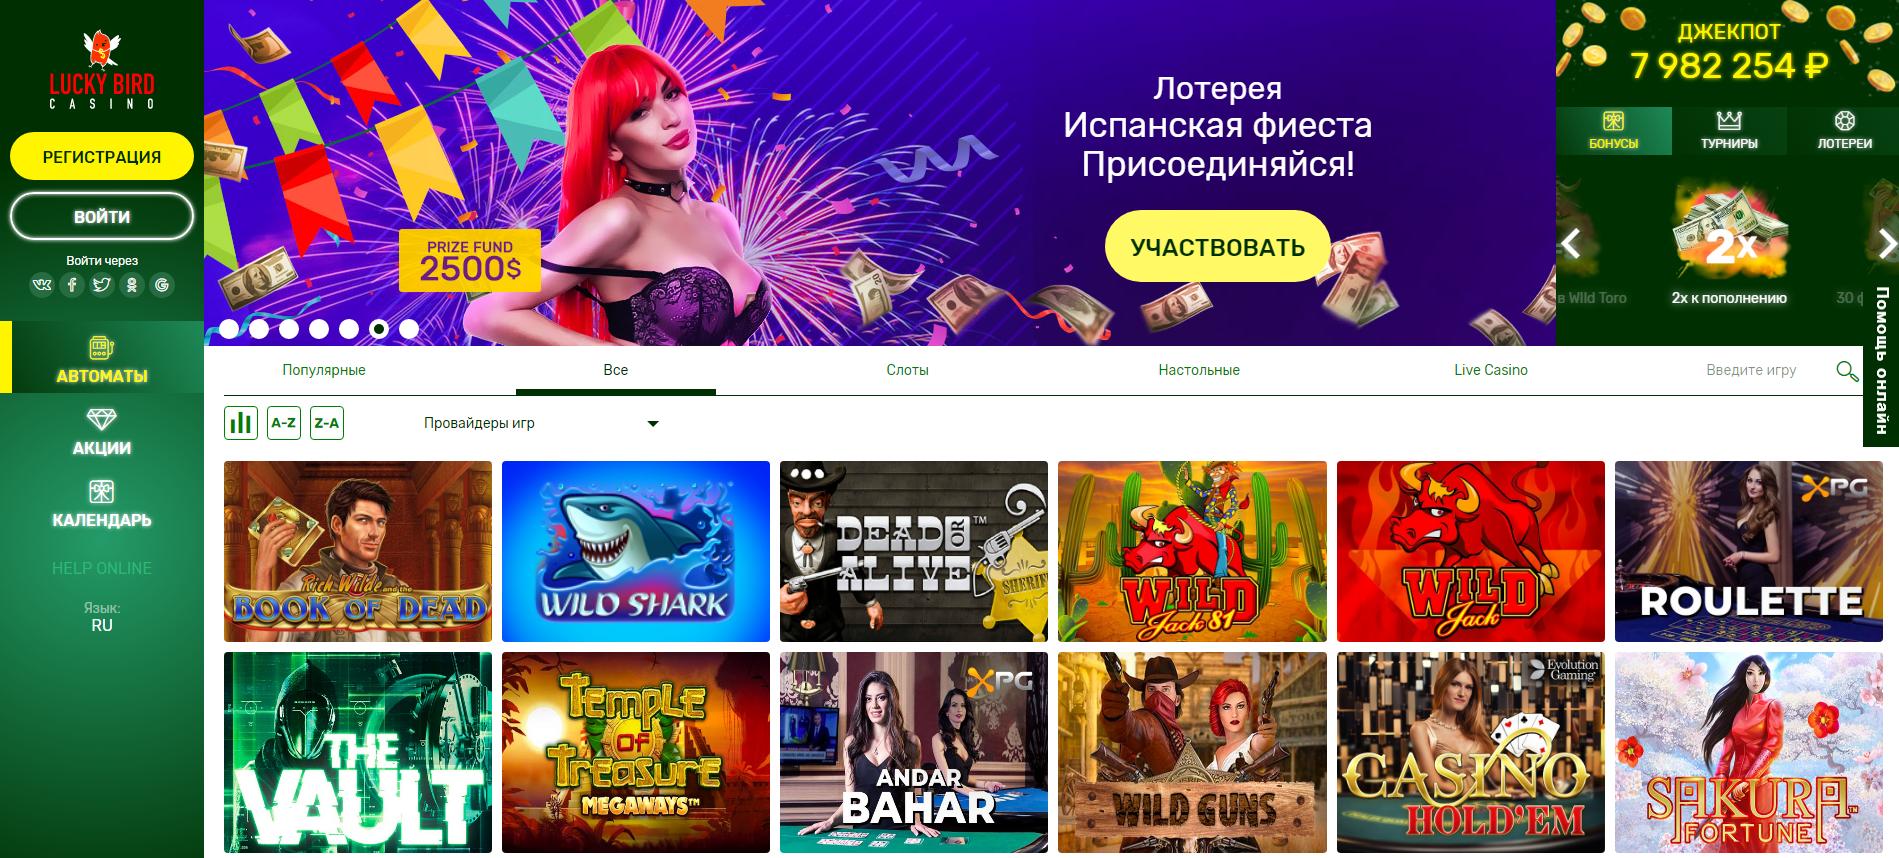 Lucky Bird казино бонус - главная страница нового казино 2019 года